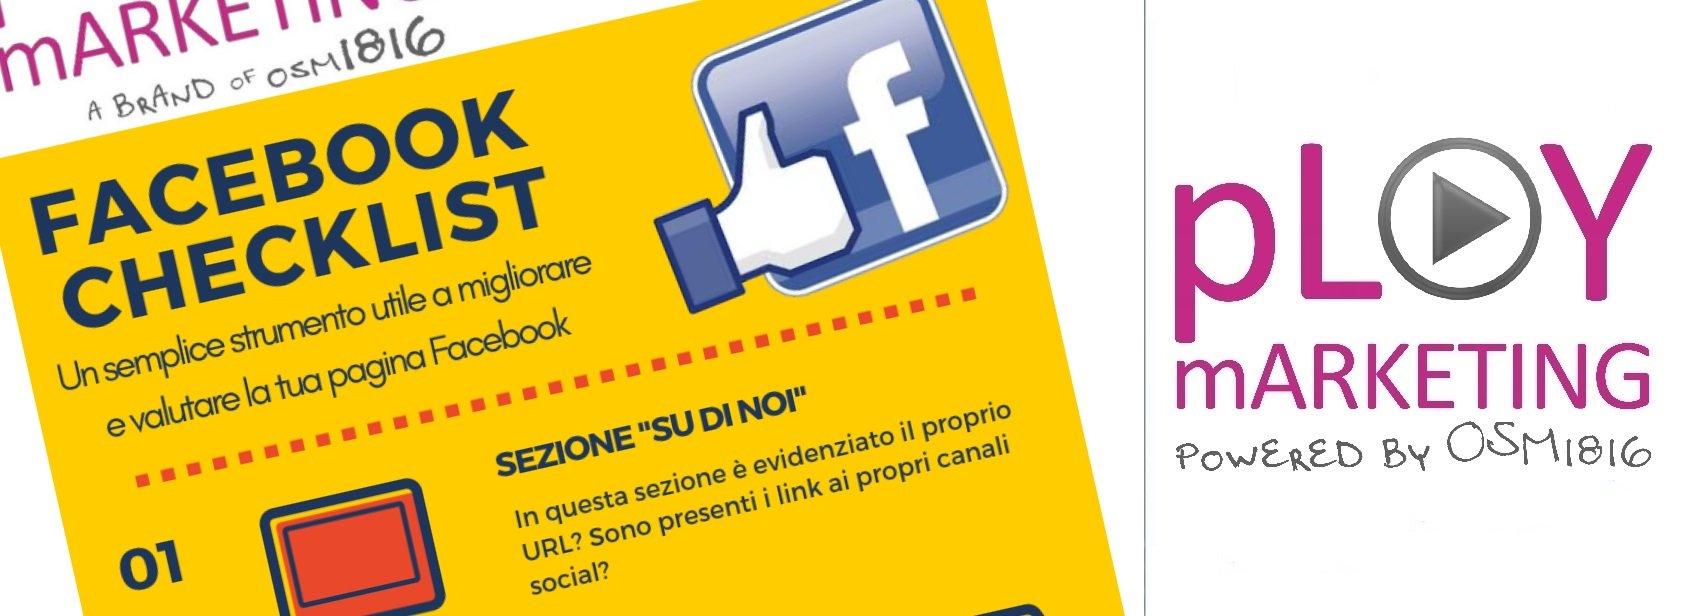 Infografica: La checklist per la tua pagina Facebook